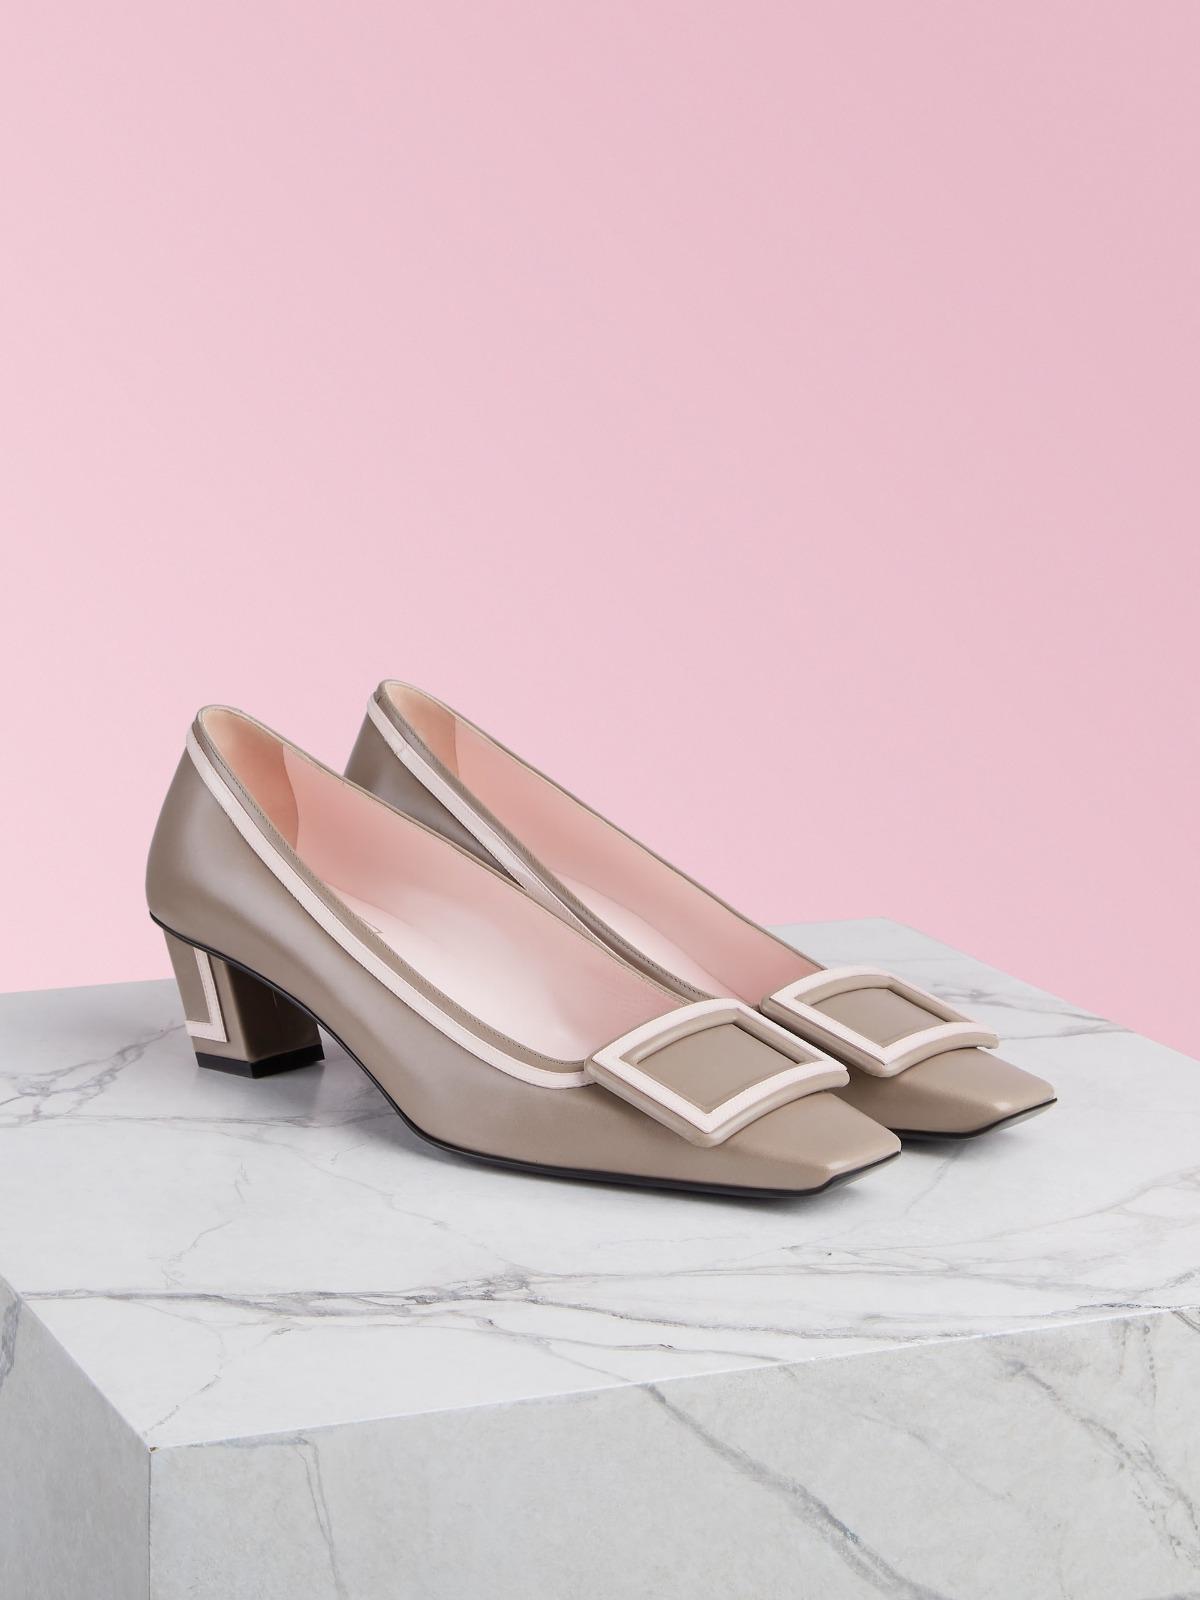 與林志玲腳上同系列的Roger Vivier Belle Vivier系列全皮革材質跟鞋。NT$32,900〈Roger Vivier提供〉